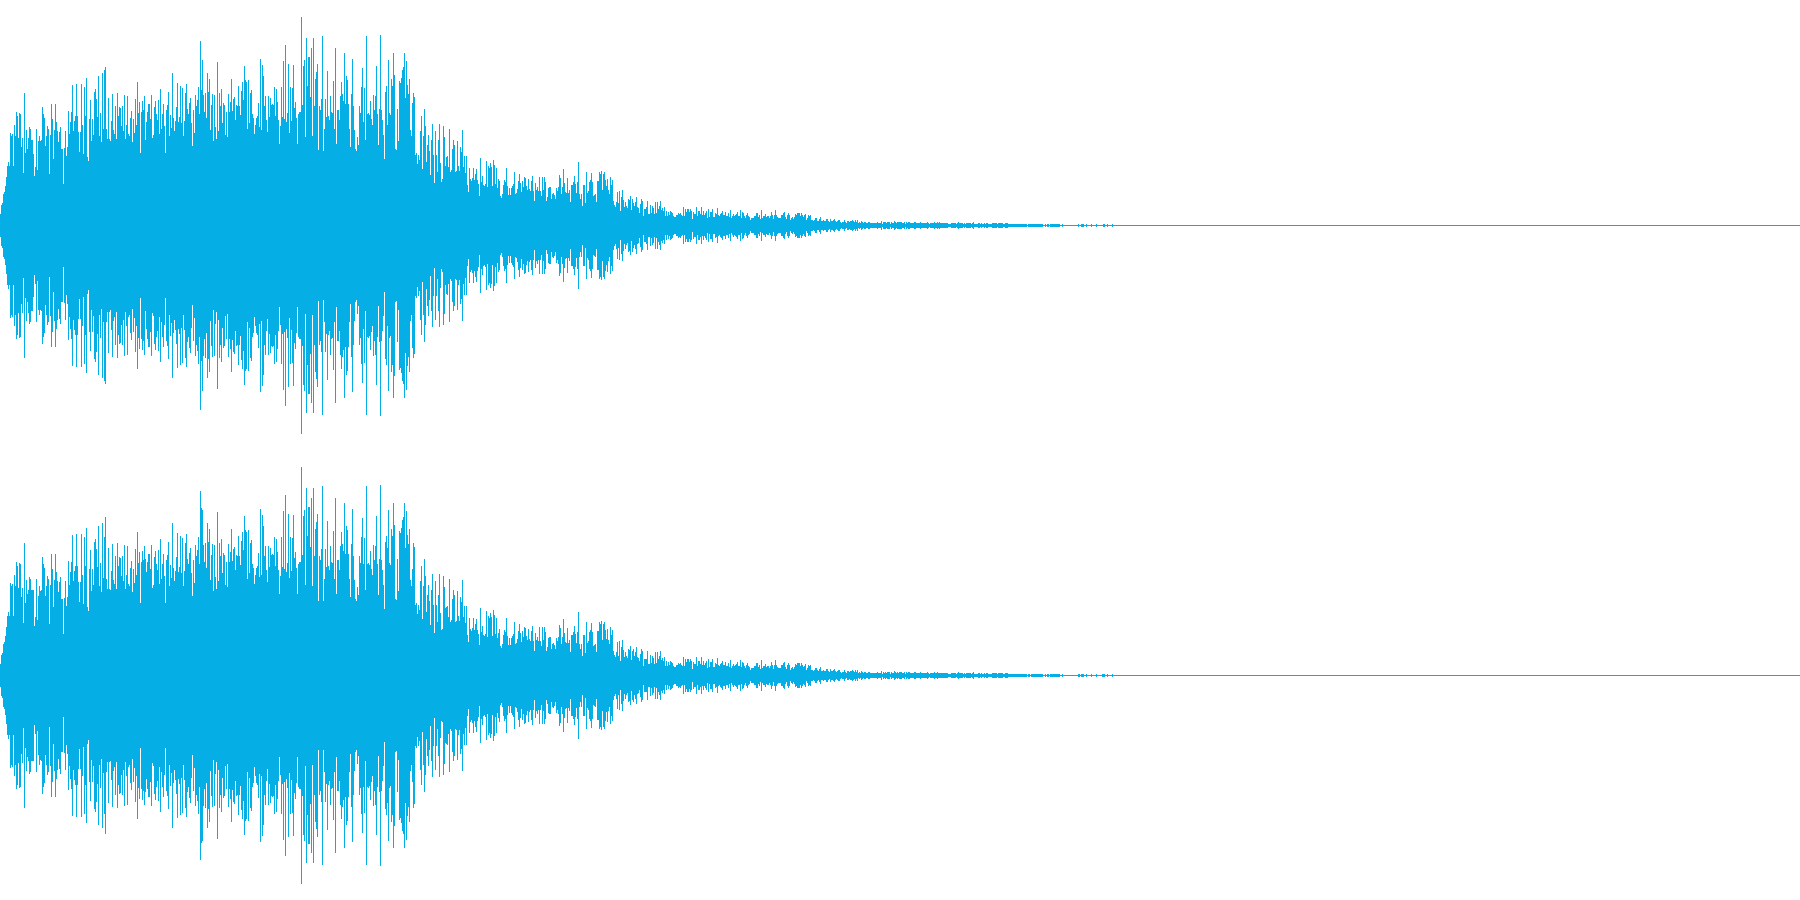 アニメにありそうなエネルギー弾の再生済みの波形